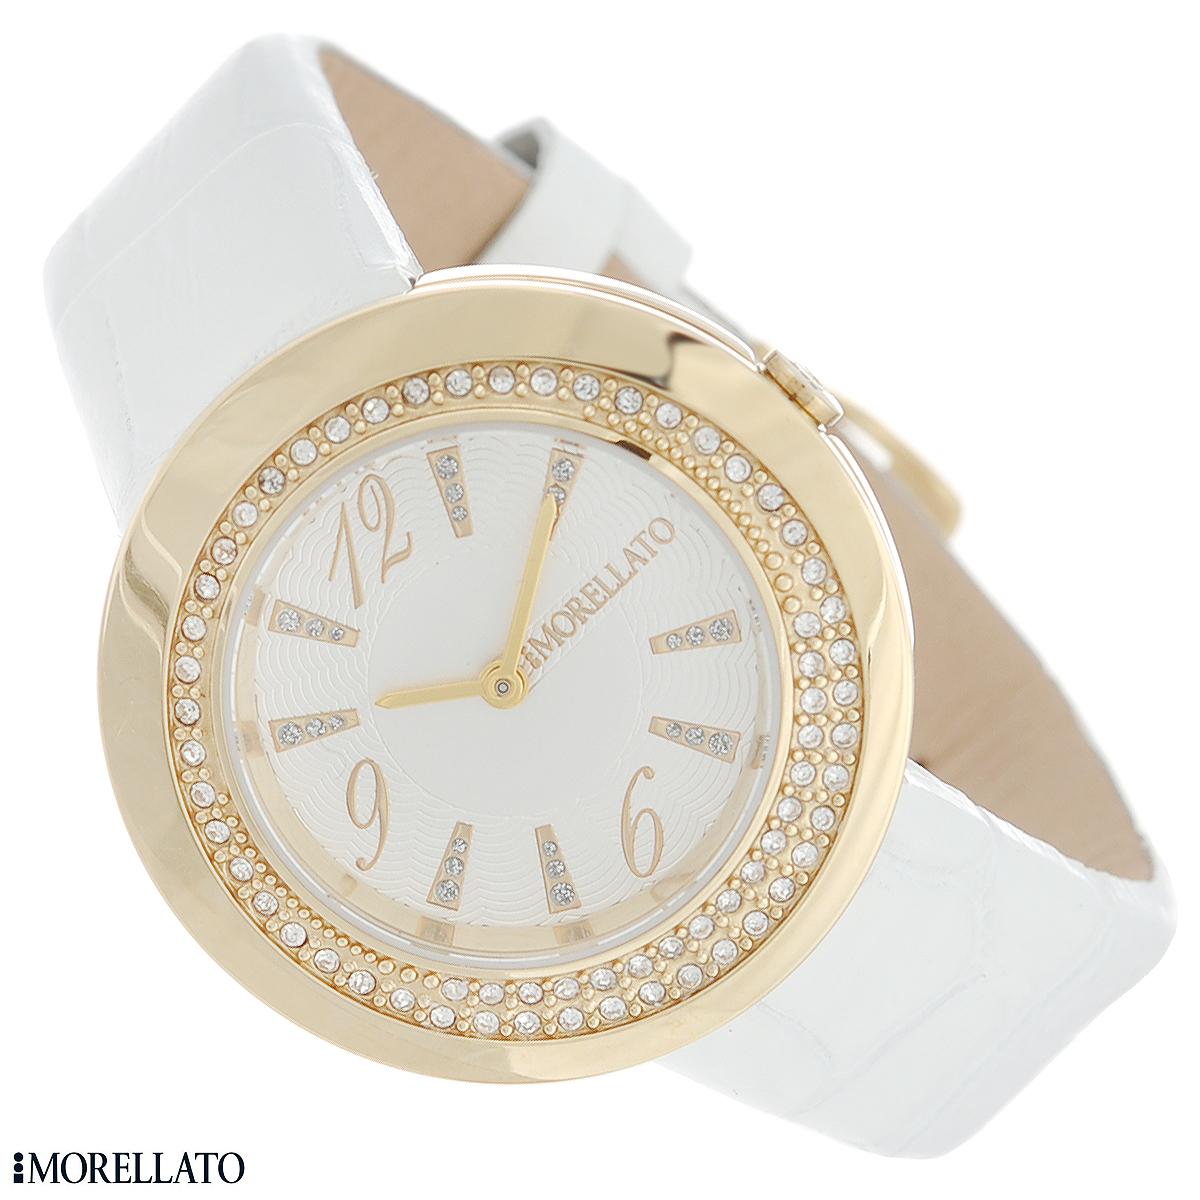 Часы женские наручные Morellato, цвет: белый, золотой. R0151112504R0151112504Наручные женские часы Morellato оснащены кварцевым механизмом. Корпус выполнен из высококачественной нержавеющей стали с PVD-покрытием и декорирован кристаллами. Циферблат с арабскими цифрами и отметками украшен кристаллами и защищен минеральным стеклом. Часы имеют две стрелки - часовую и минутную. Ремешок часов выполнен из натуральной кожи с тиснением и оснащен классической застежкой. Часы укомплектованы паспортом с подробной инструкцией. Часы Morellato отличаются уникальным, но в то же время простым и лаконичным стилем. Характеристики: Диаметр циферблата: 2,3 см. Размер корпуса: 3,5 см х 3,5 см х 0,6 см. Длина ремешка (с корпусом): 20,5 см. Ширина ремешка: 1,6 см.